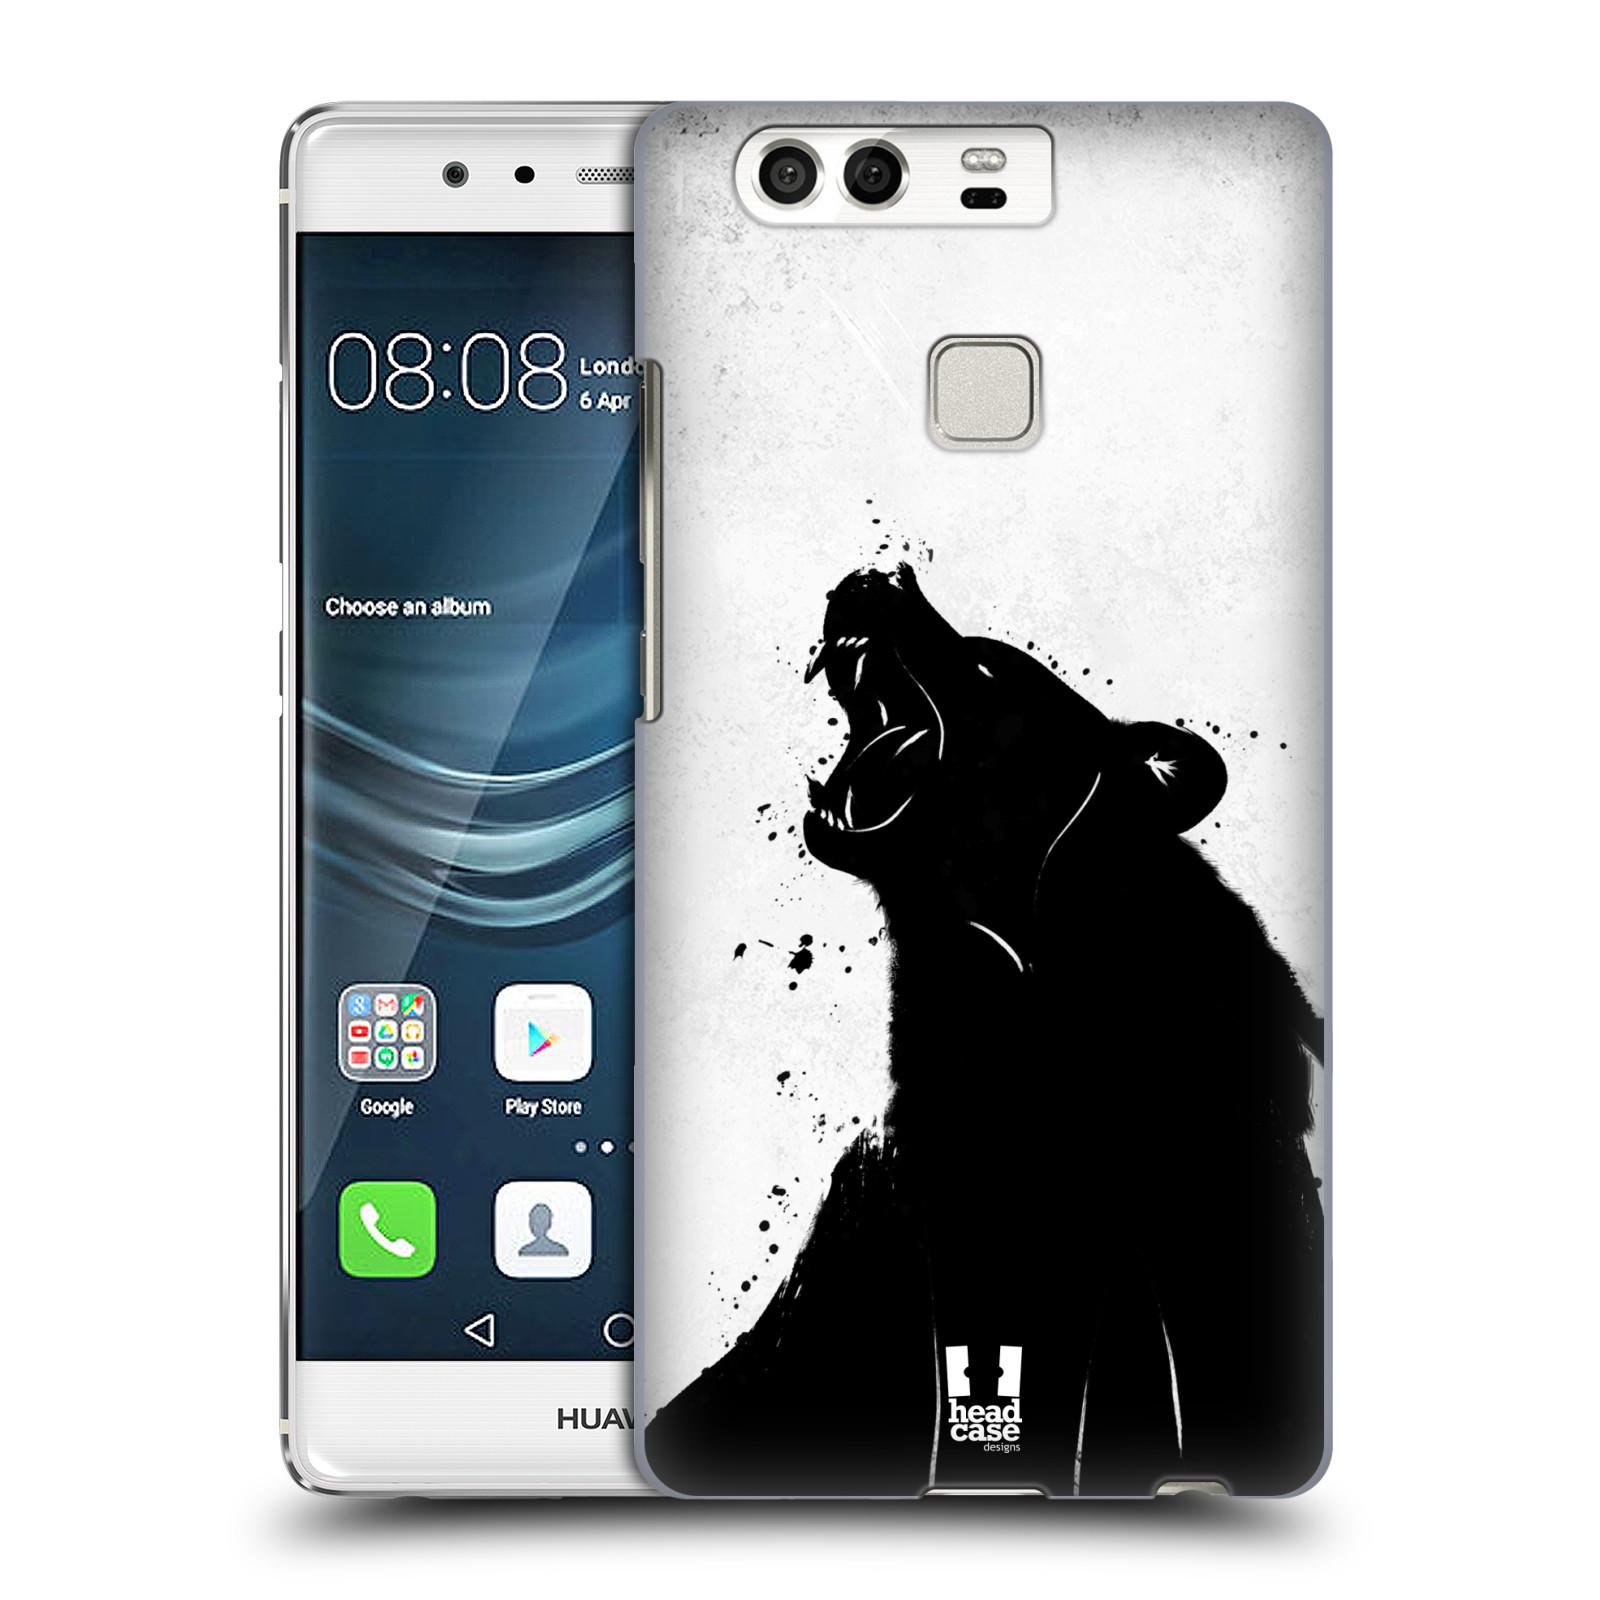 HEAD CASE plastový obal na mobil Huawei P9 / P9 DUAL SIM vzor Kresba tuš zvíře medvěd